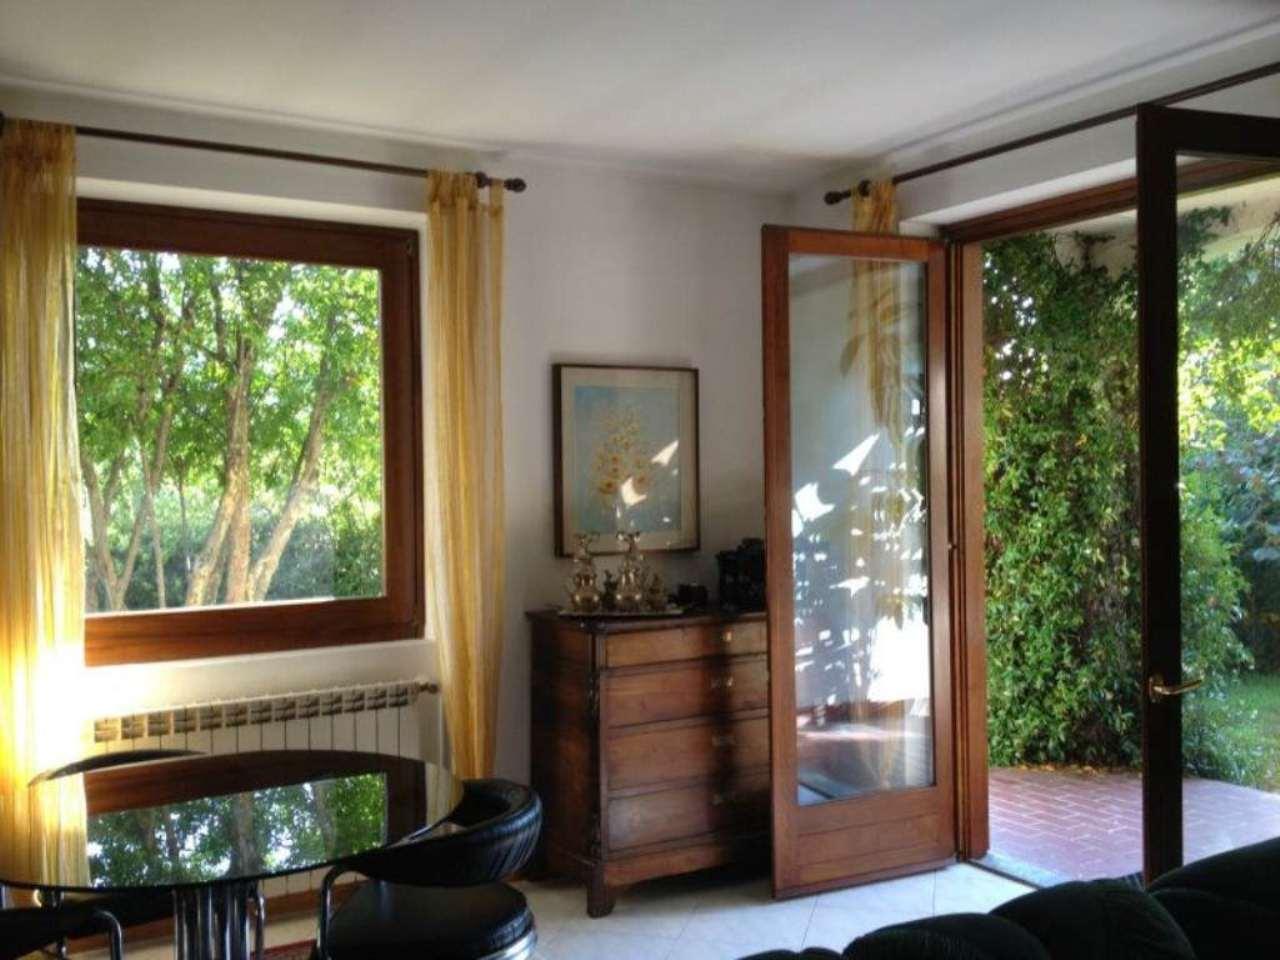 Soluzione Indipendente in vendita a Cittiglio, 5 locali, prezzo € 390.000 | Cambio Casa.it